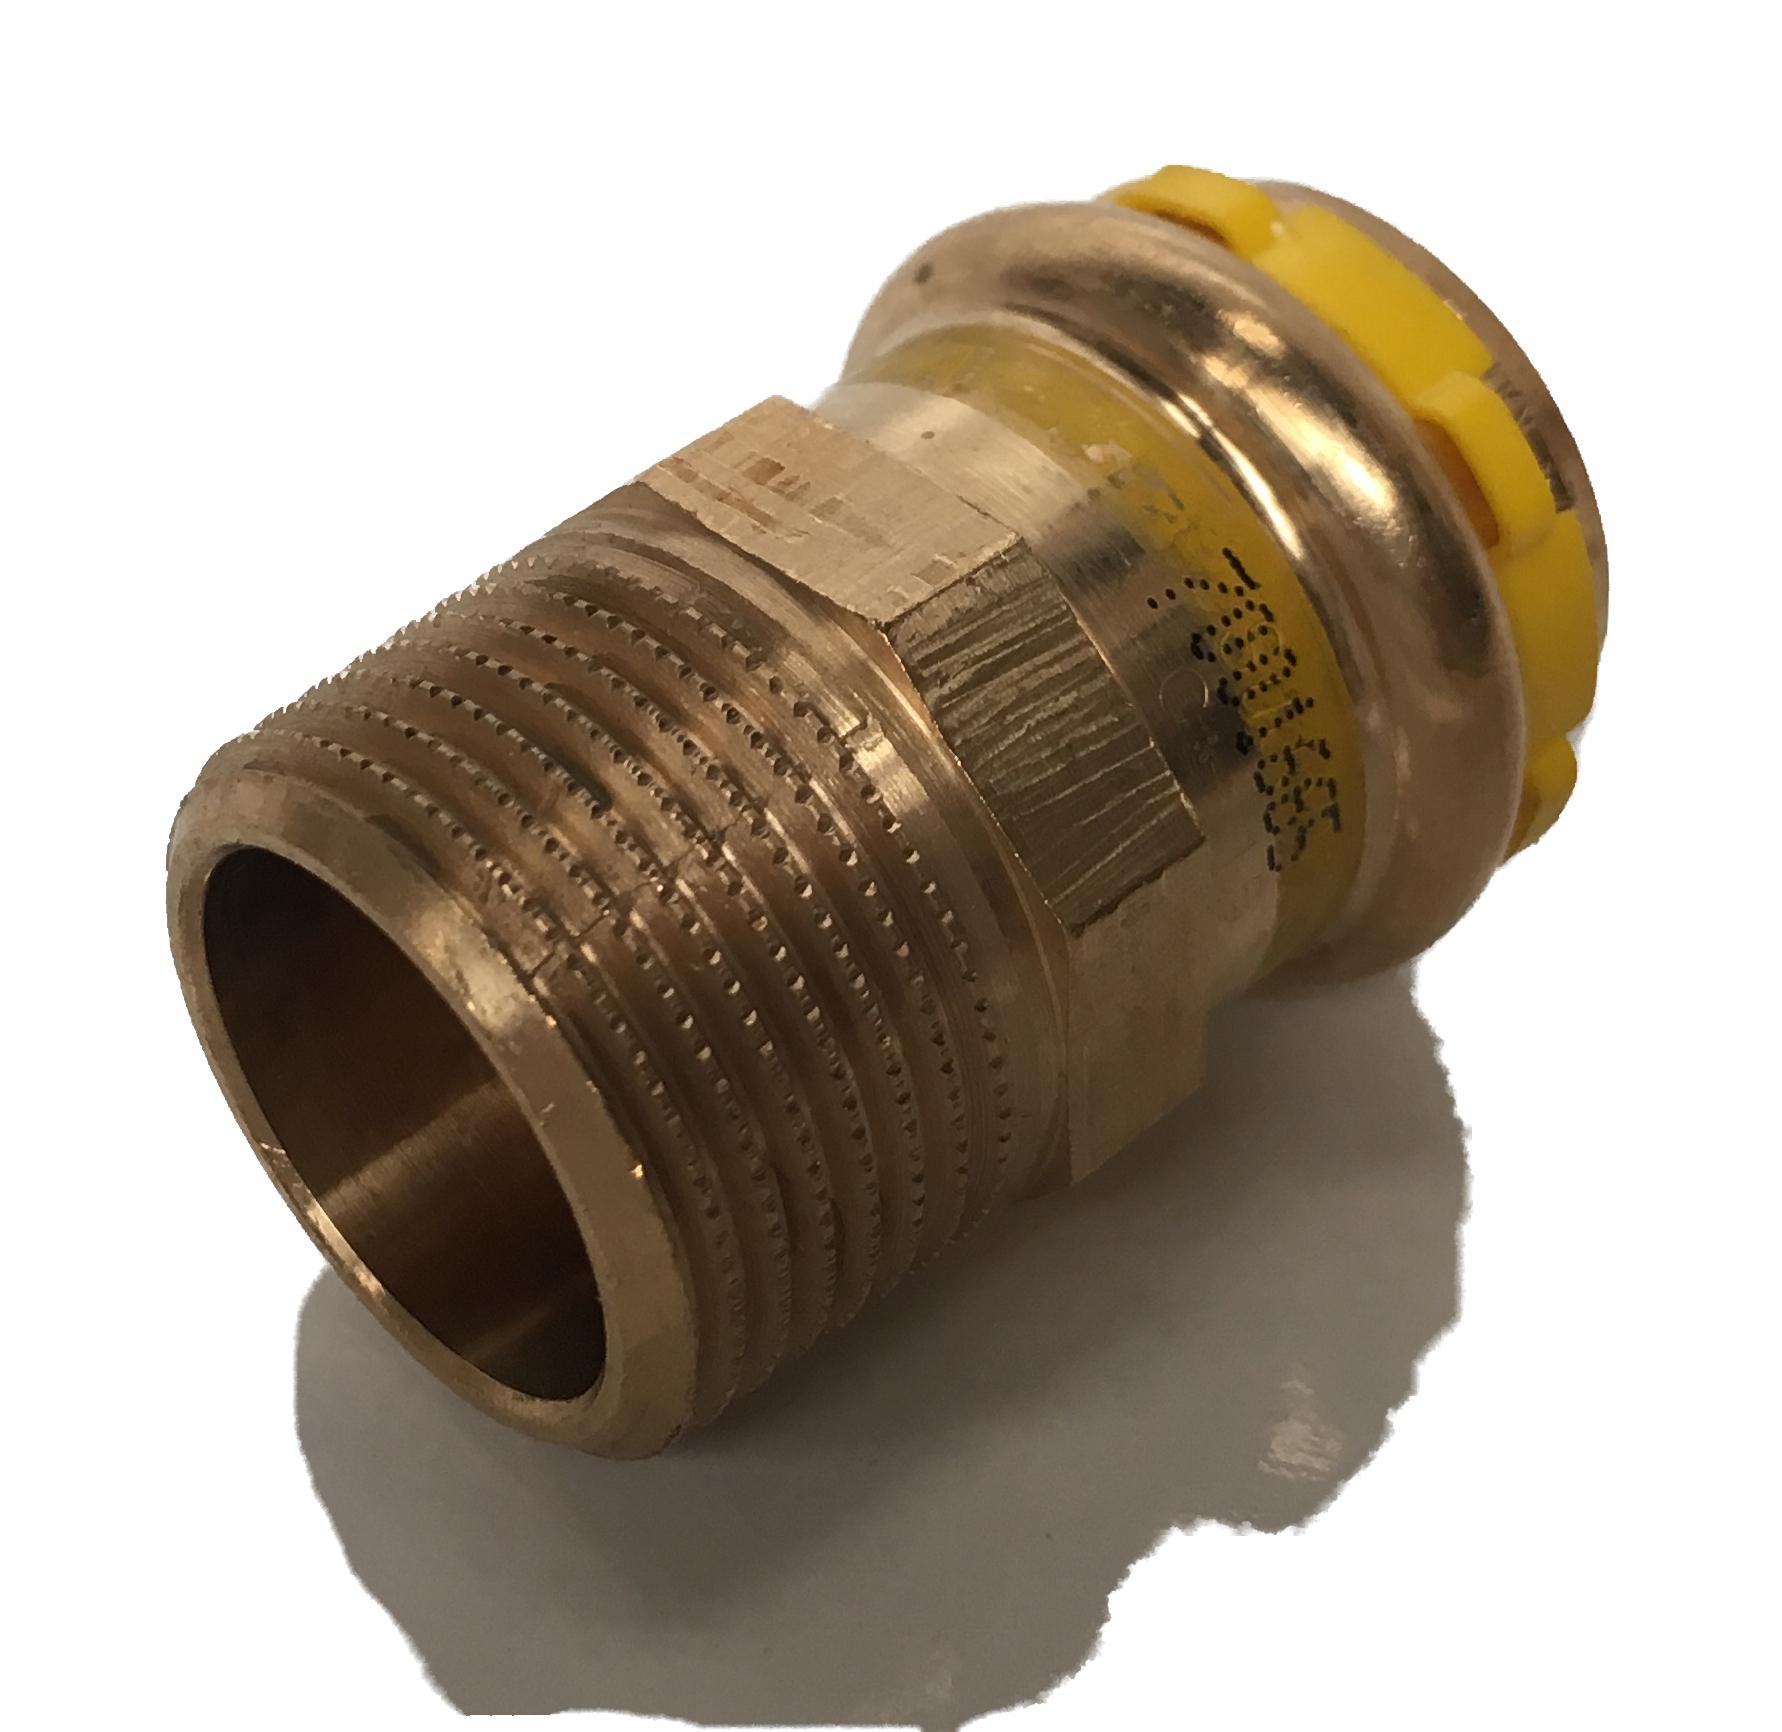 Straight fitting Copper Sudopress Press GAS 22x4/4M V-profile